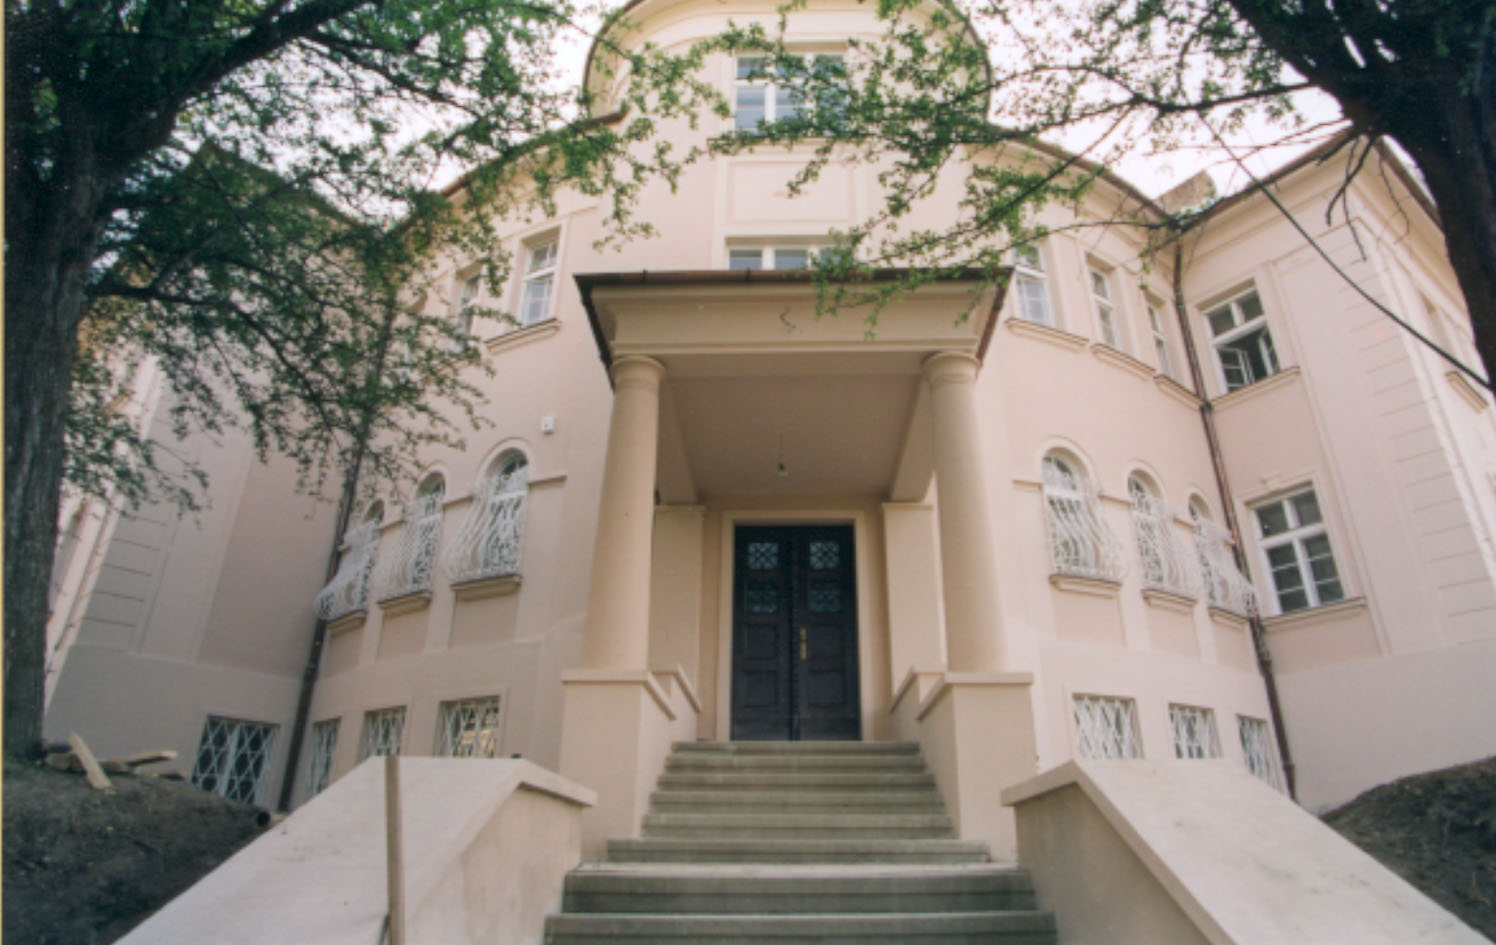 Pohled na hlavní vstup do domu